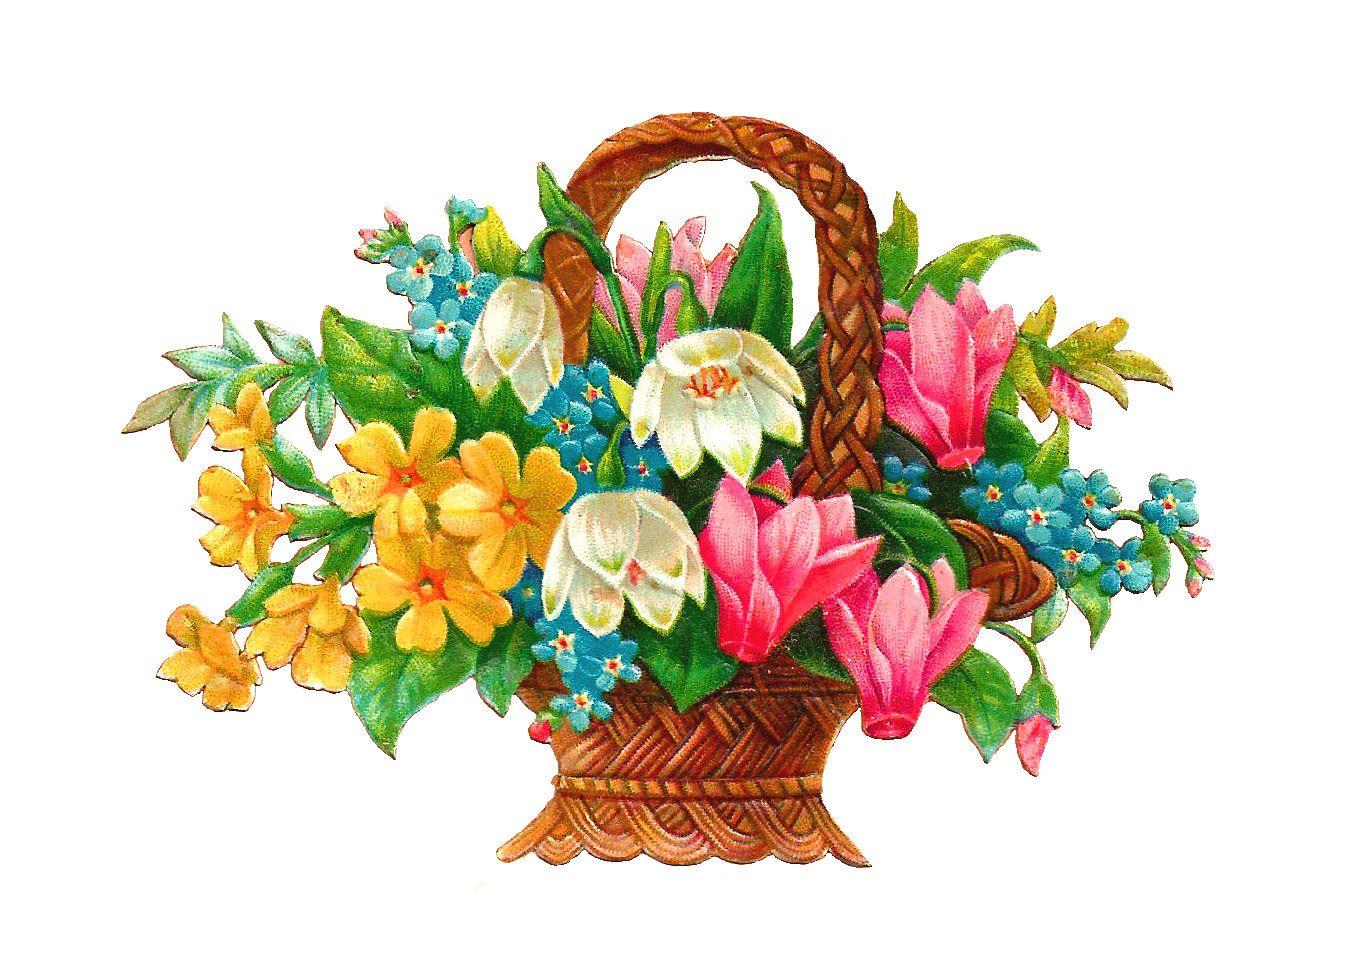 antique images free flower basket clip art 2 wicket baskets full rh pinterest ca vintage flower clipart transparent vintage flower clipart transparent